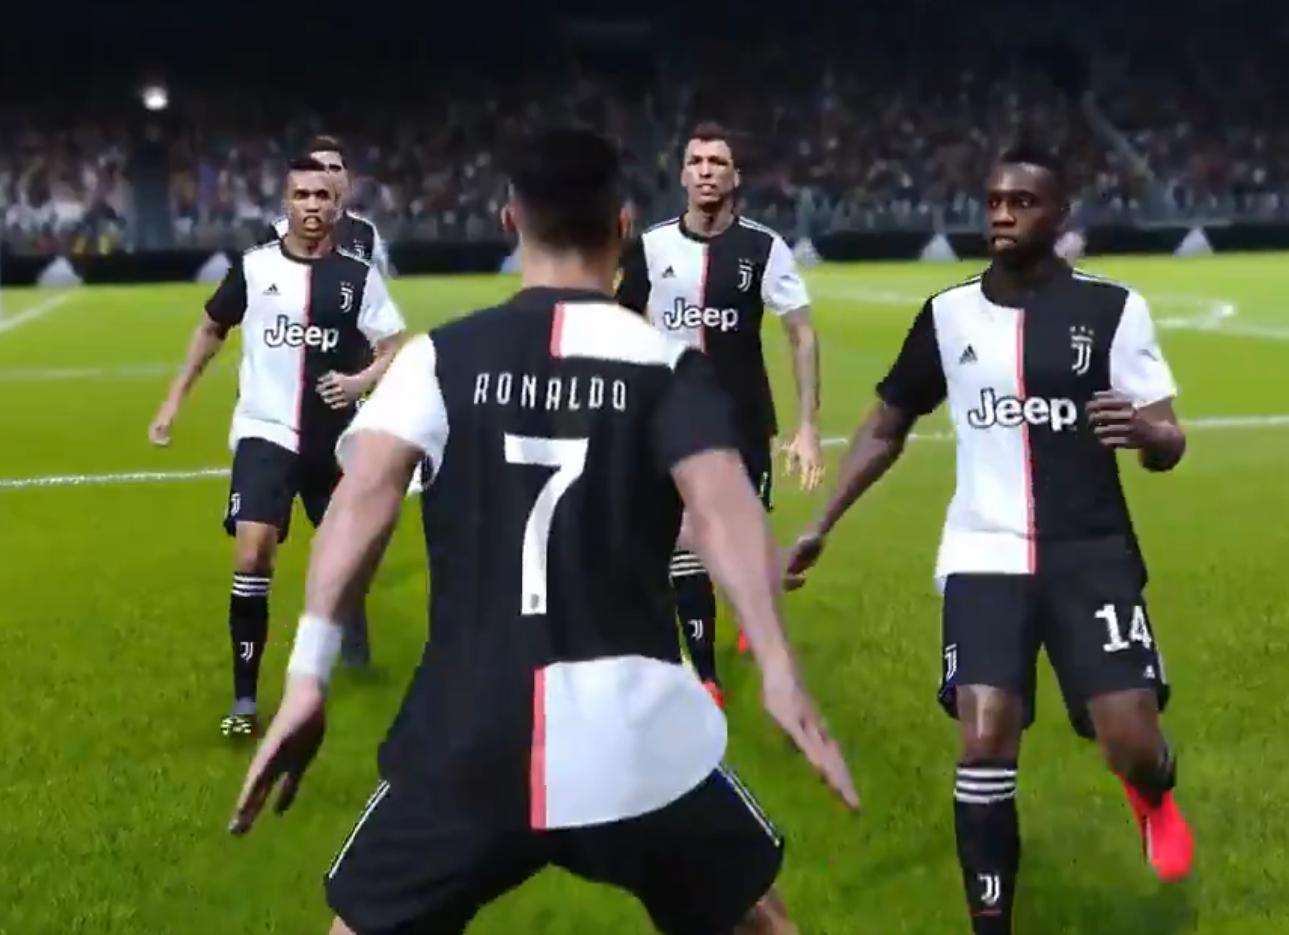 Nem lehet Juventusnak hívni az olasz bajnokot a FIFA 20 játékban, így valami egészen más lesz a neve